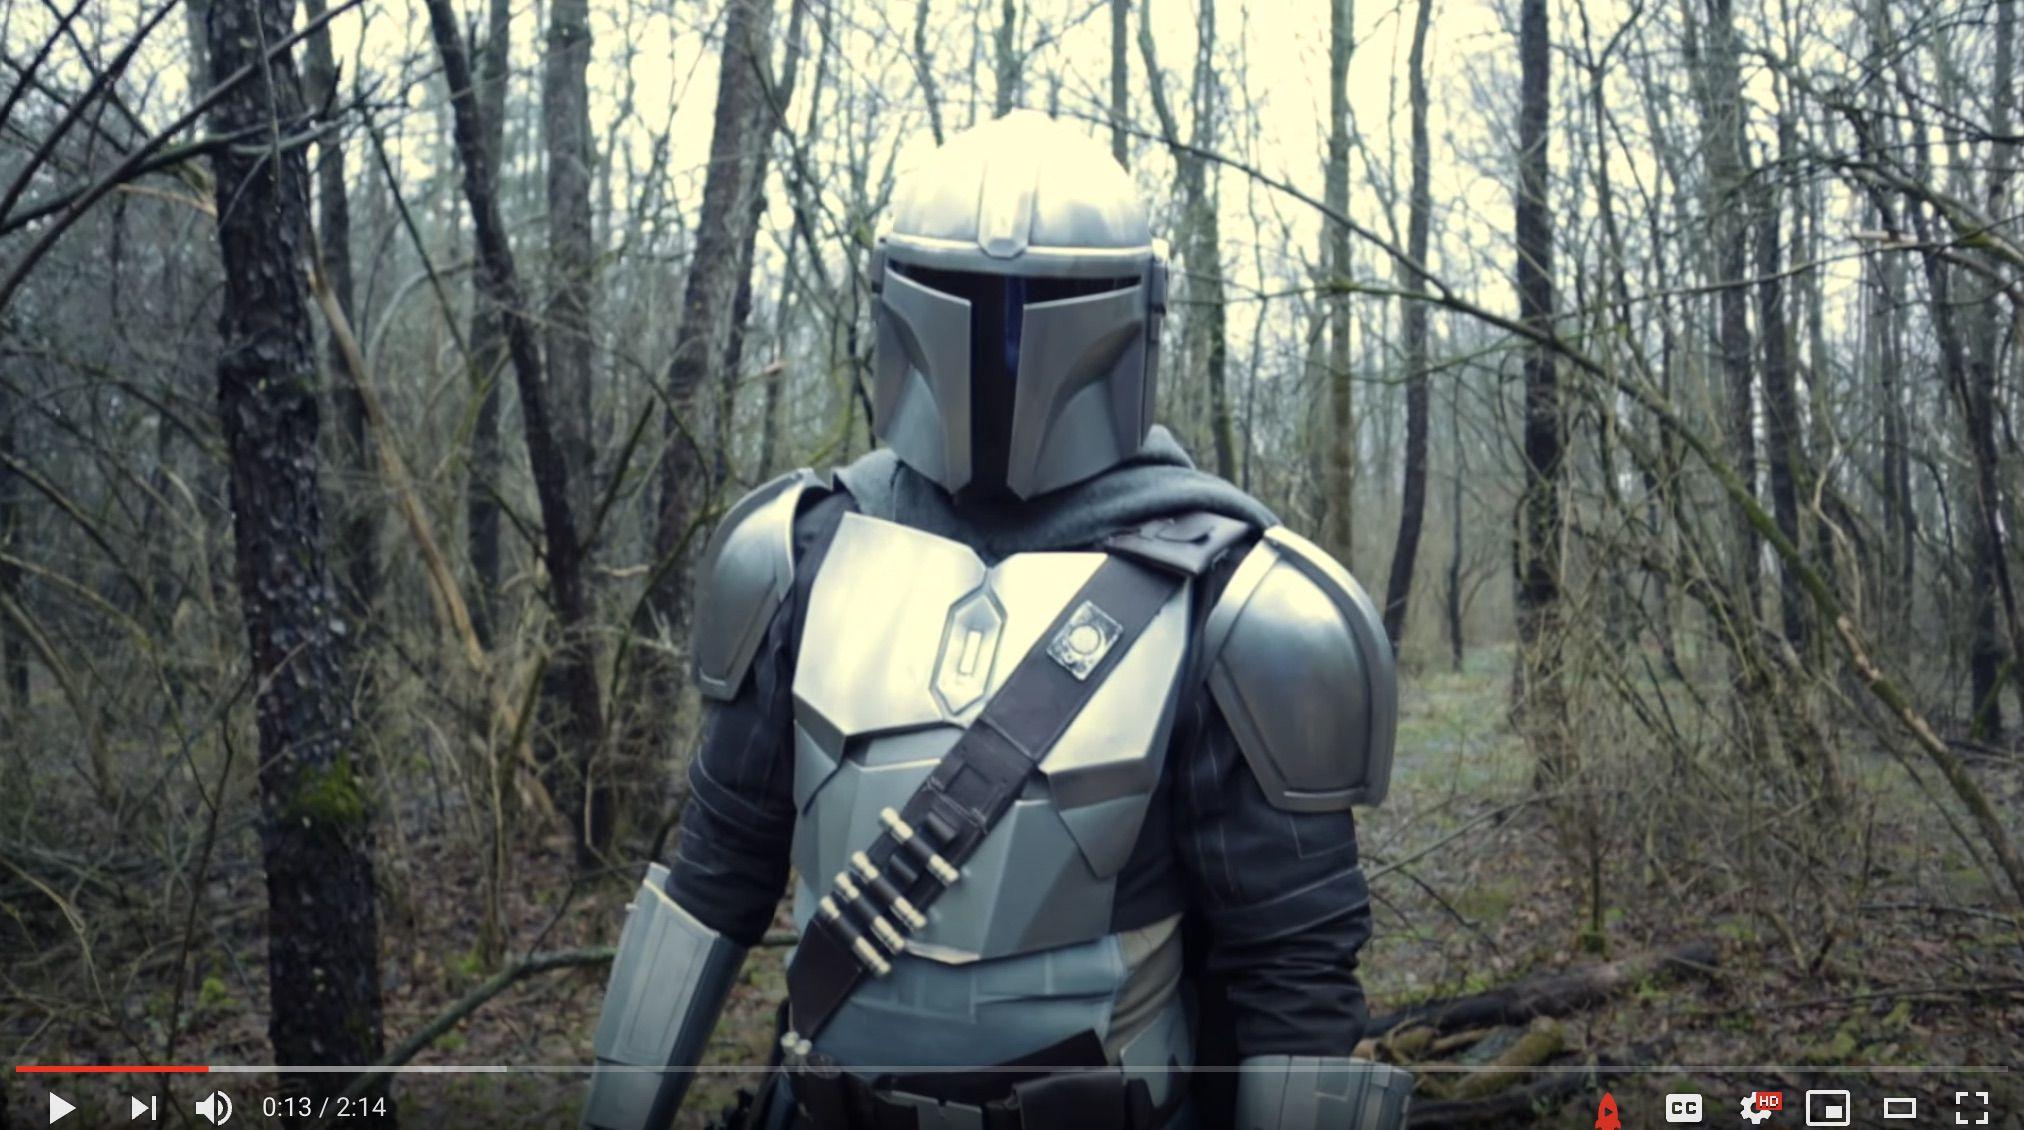 Mandalorian Metal Armor